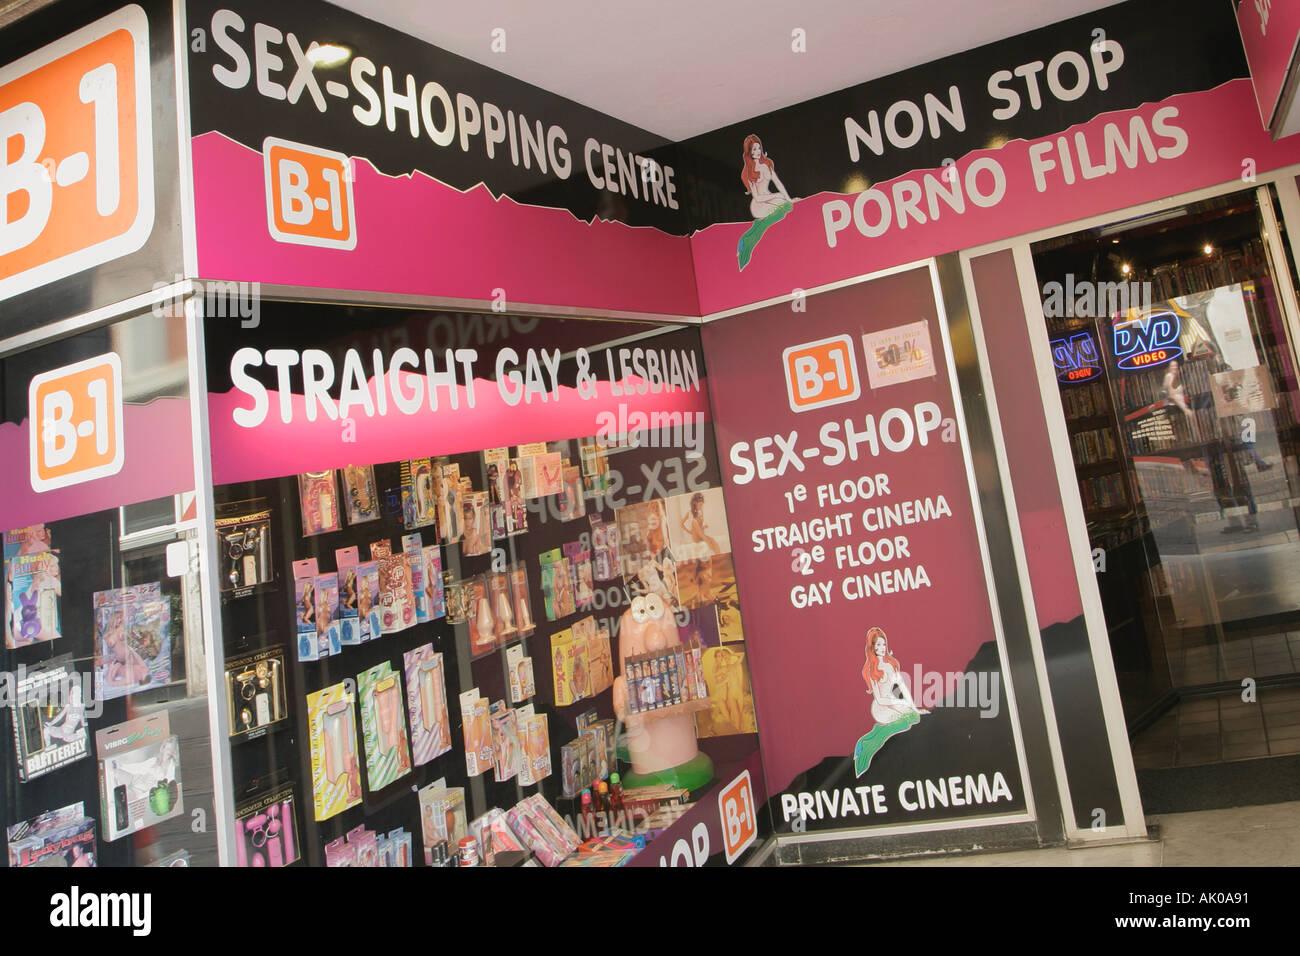 Sex Shop Dvd